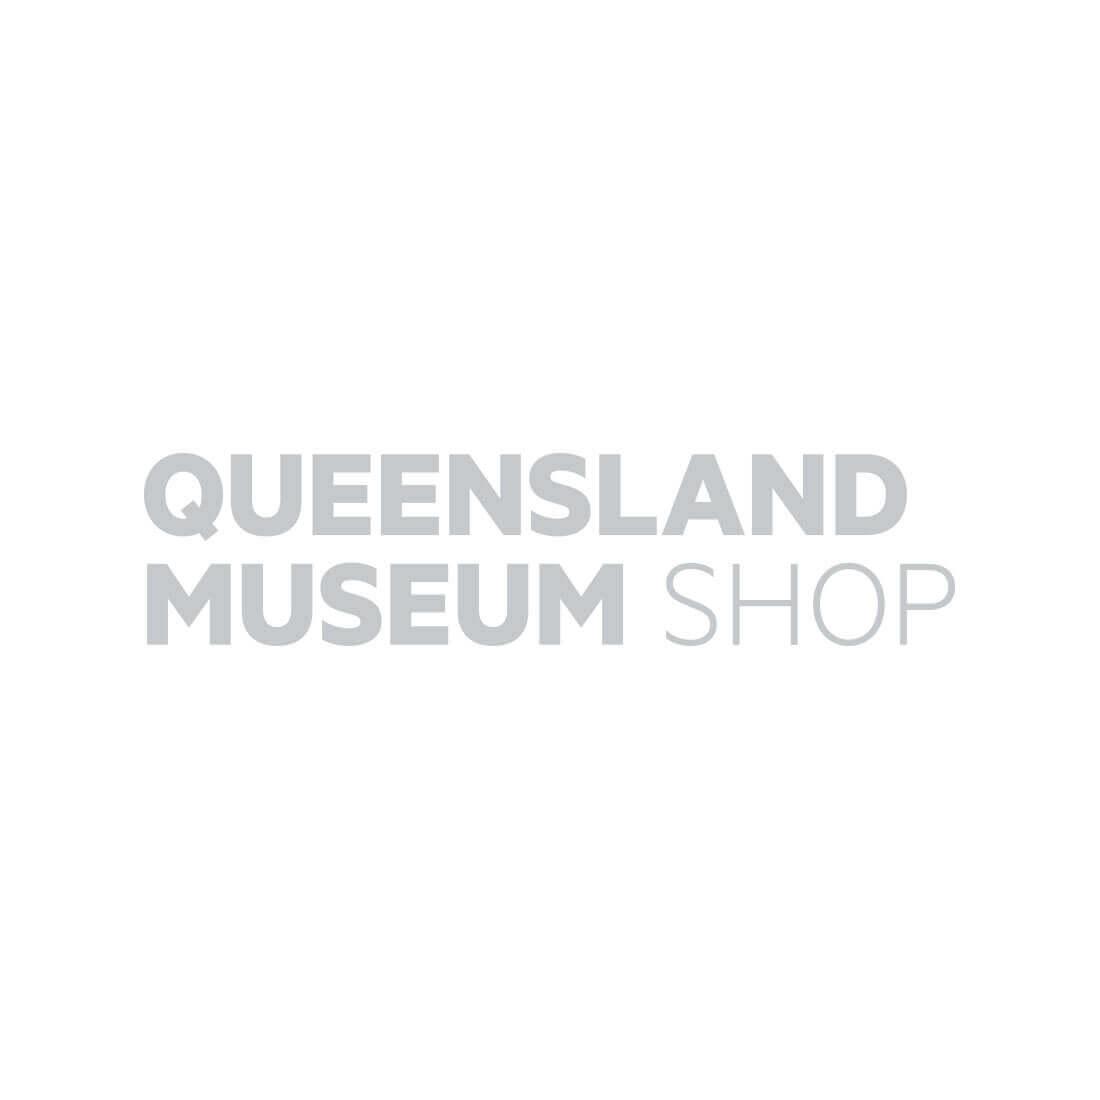 General MyMuseum Membership Renewal - ADULT